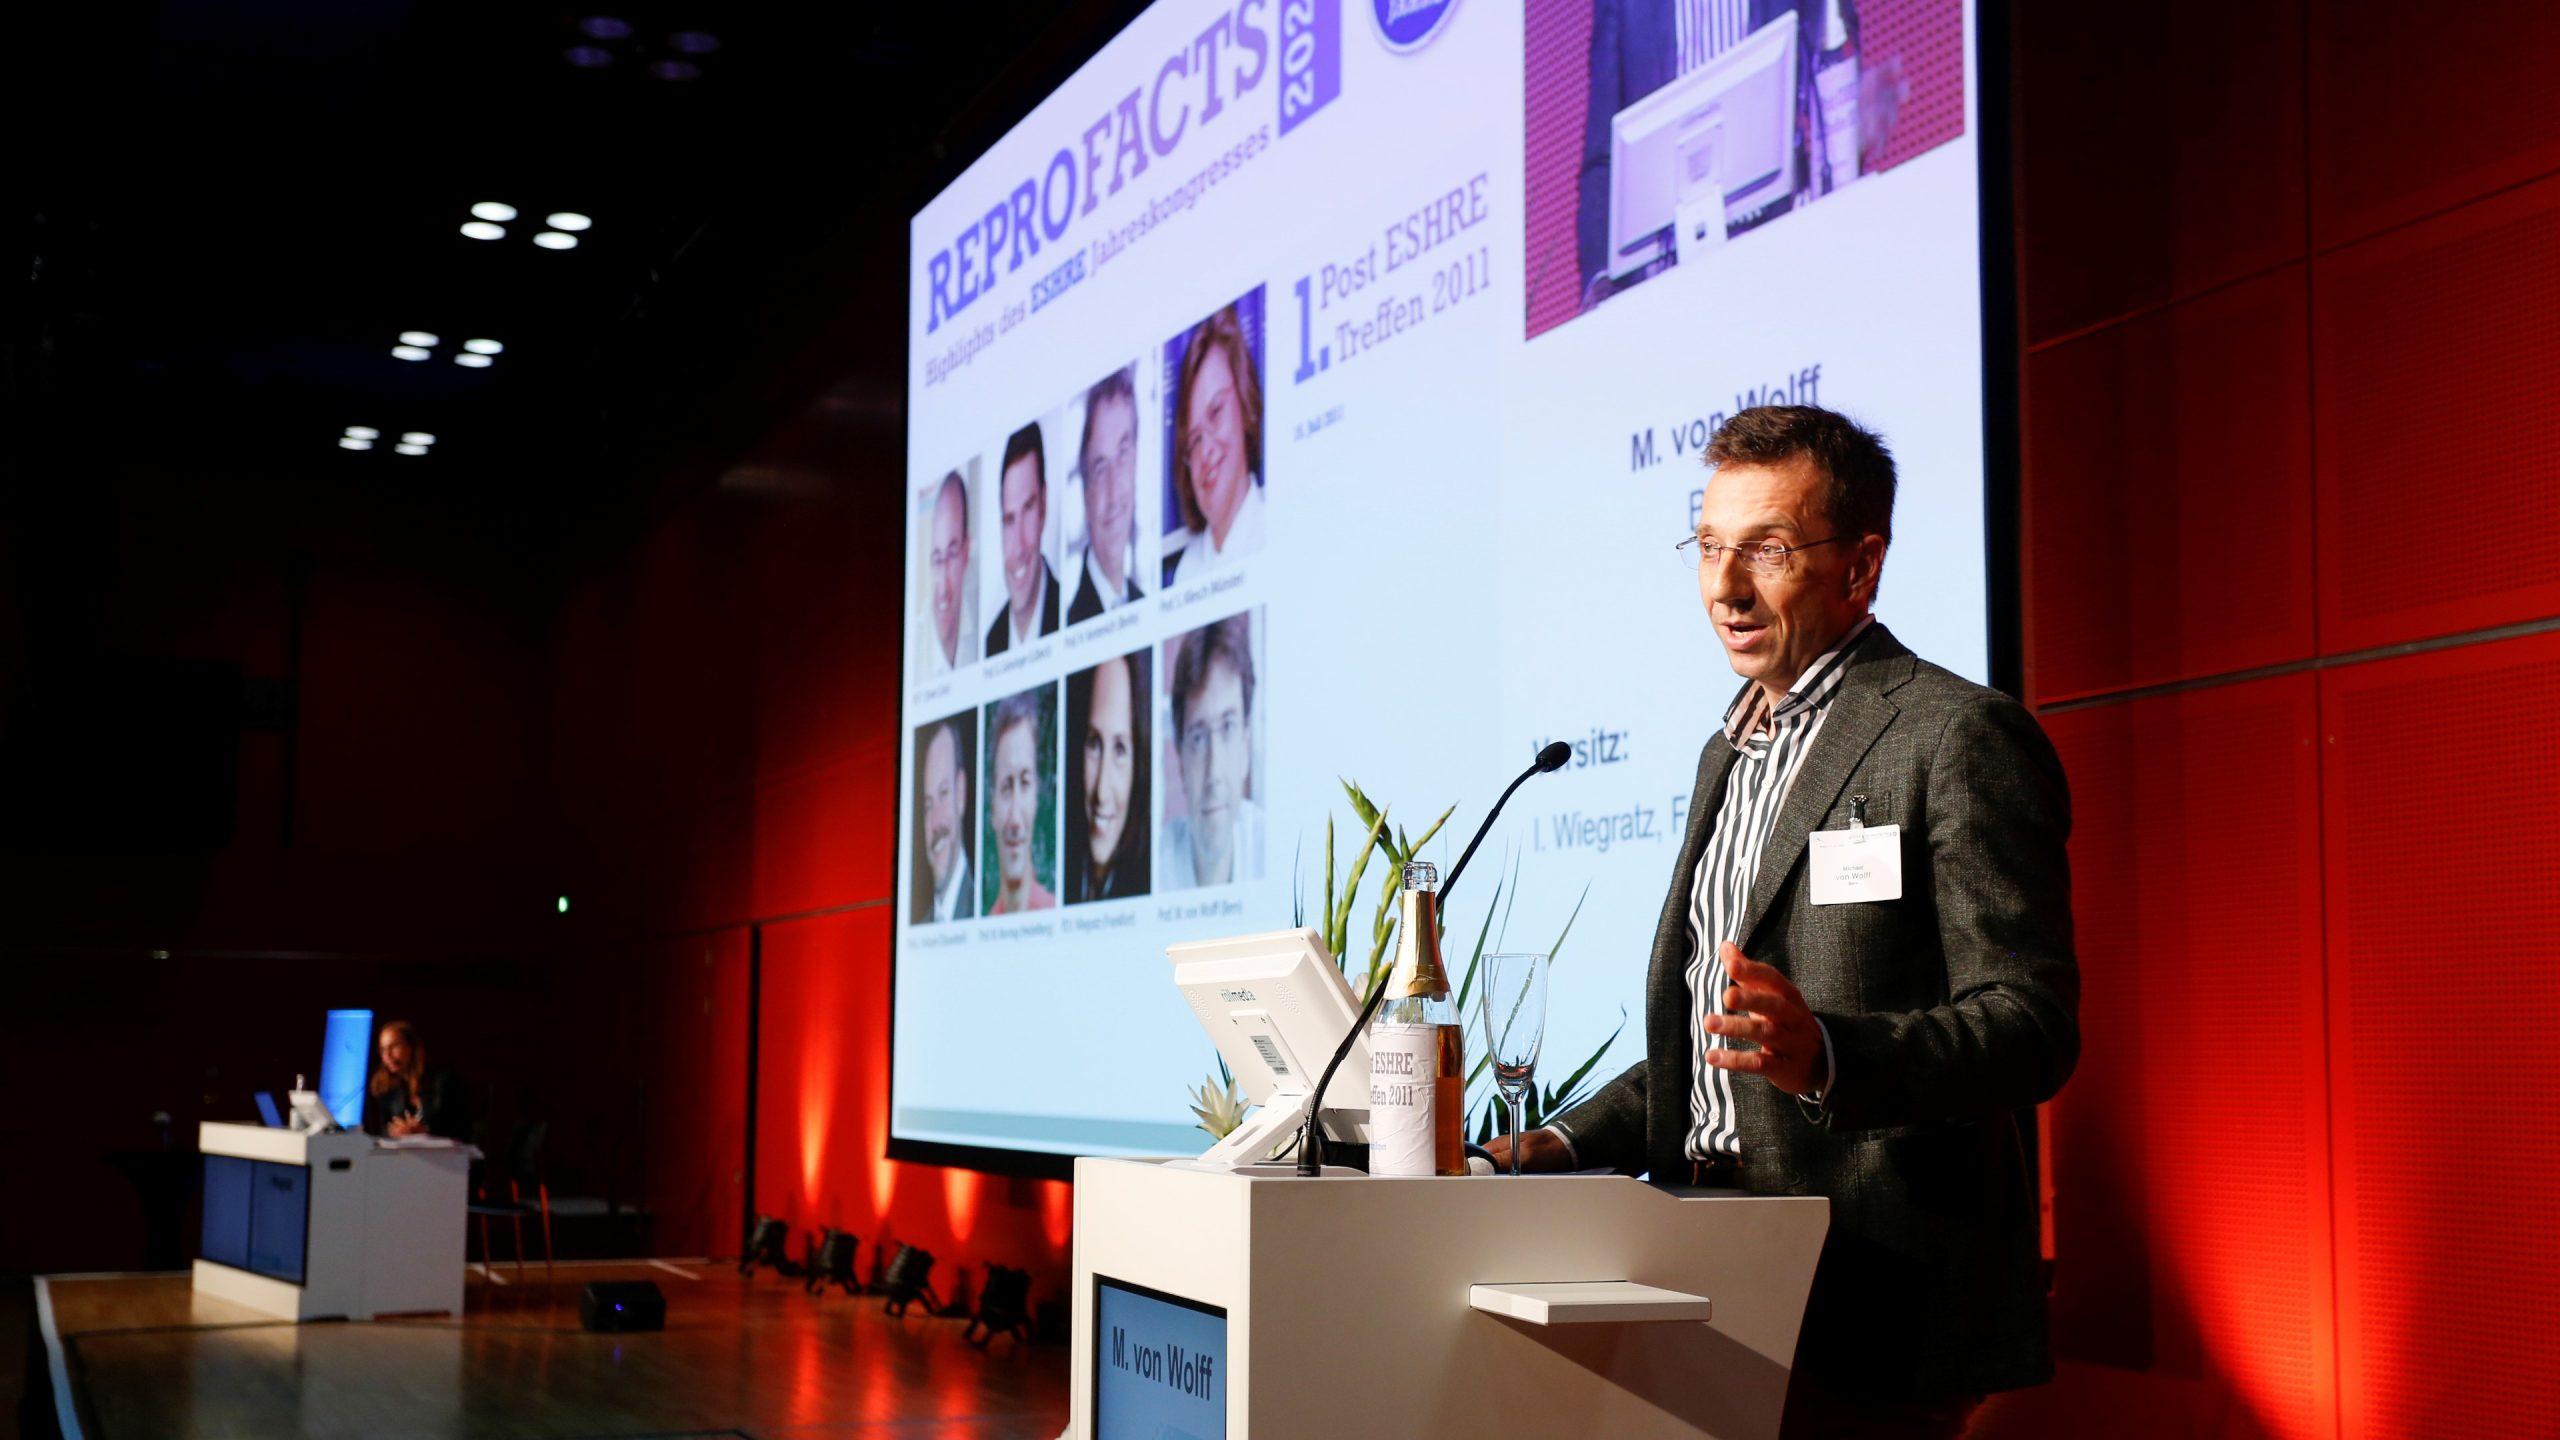 Vortrag ReproFacts _ Kongresstechnik